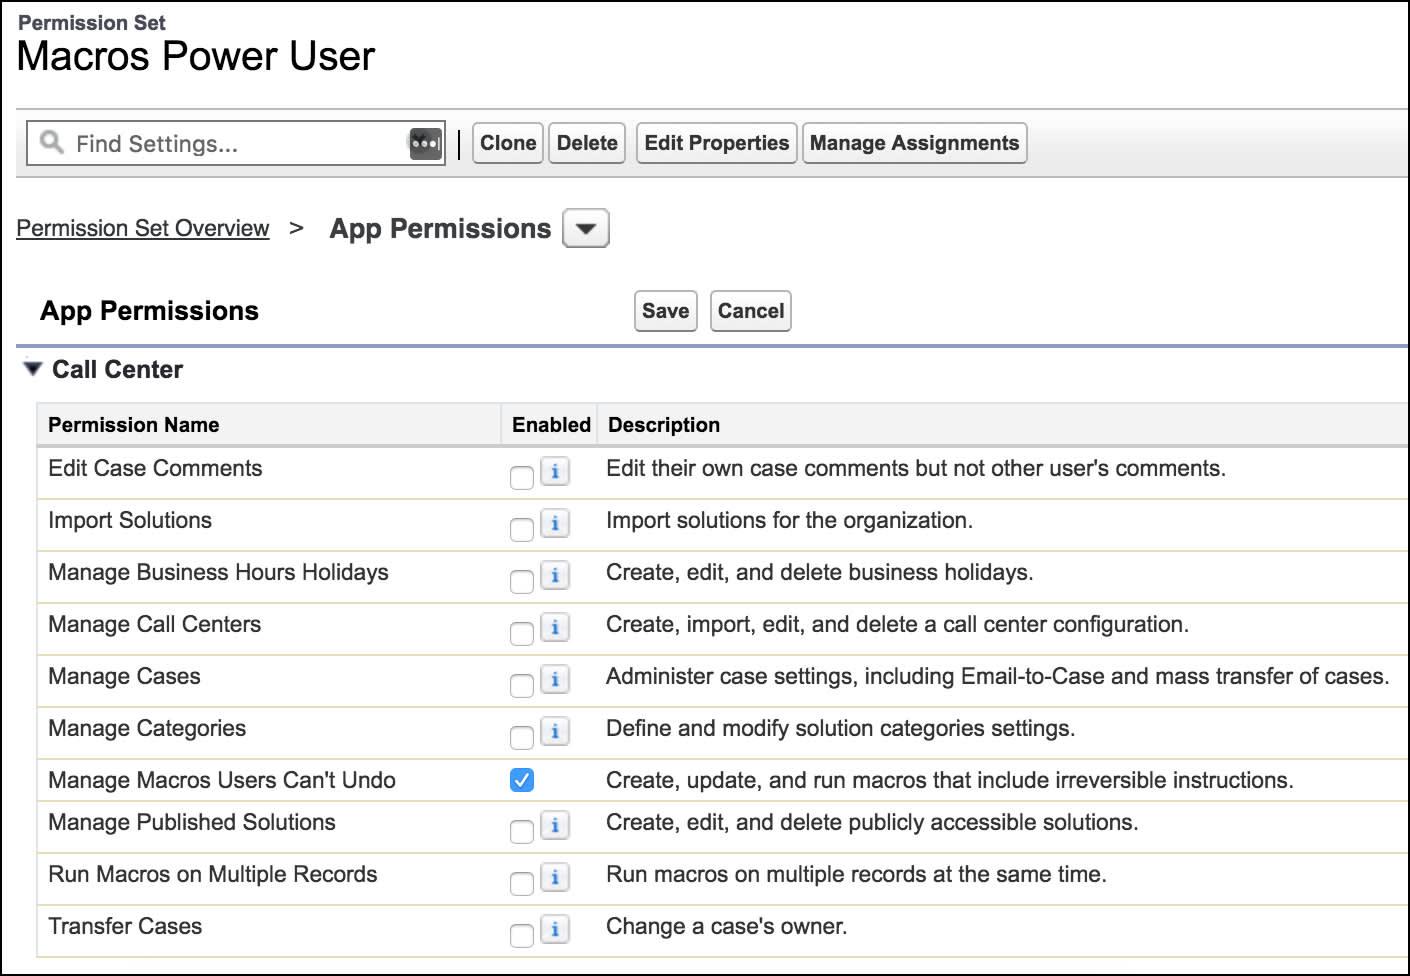 権限セットを作成するページに [ユーザが元に戻せないマクロを管理] アプリケーション権限が表示されています。